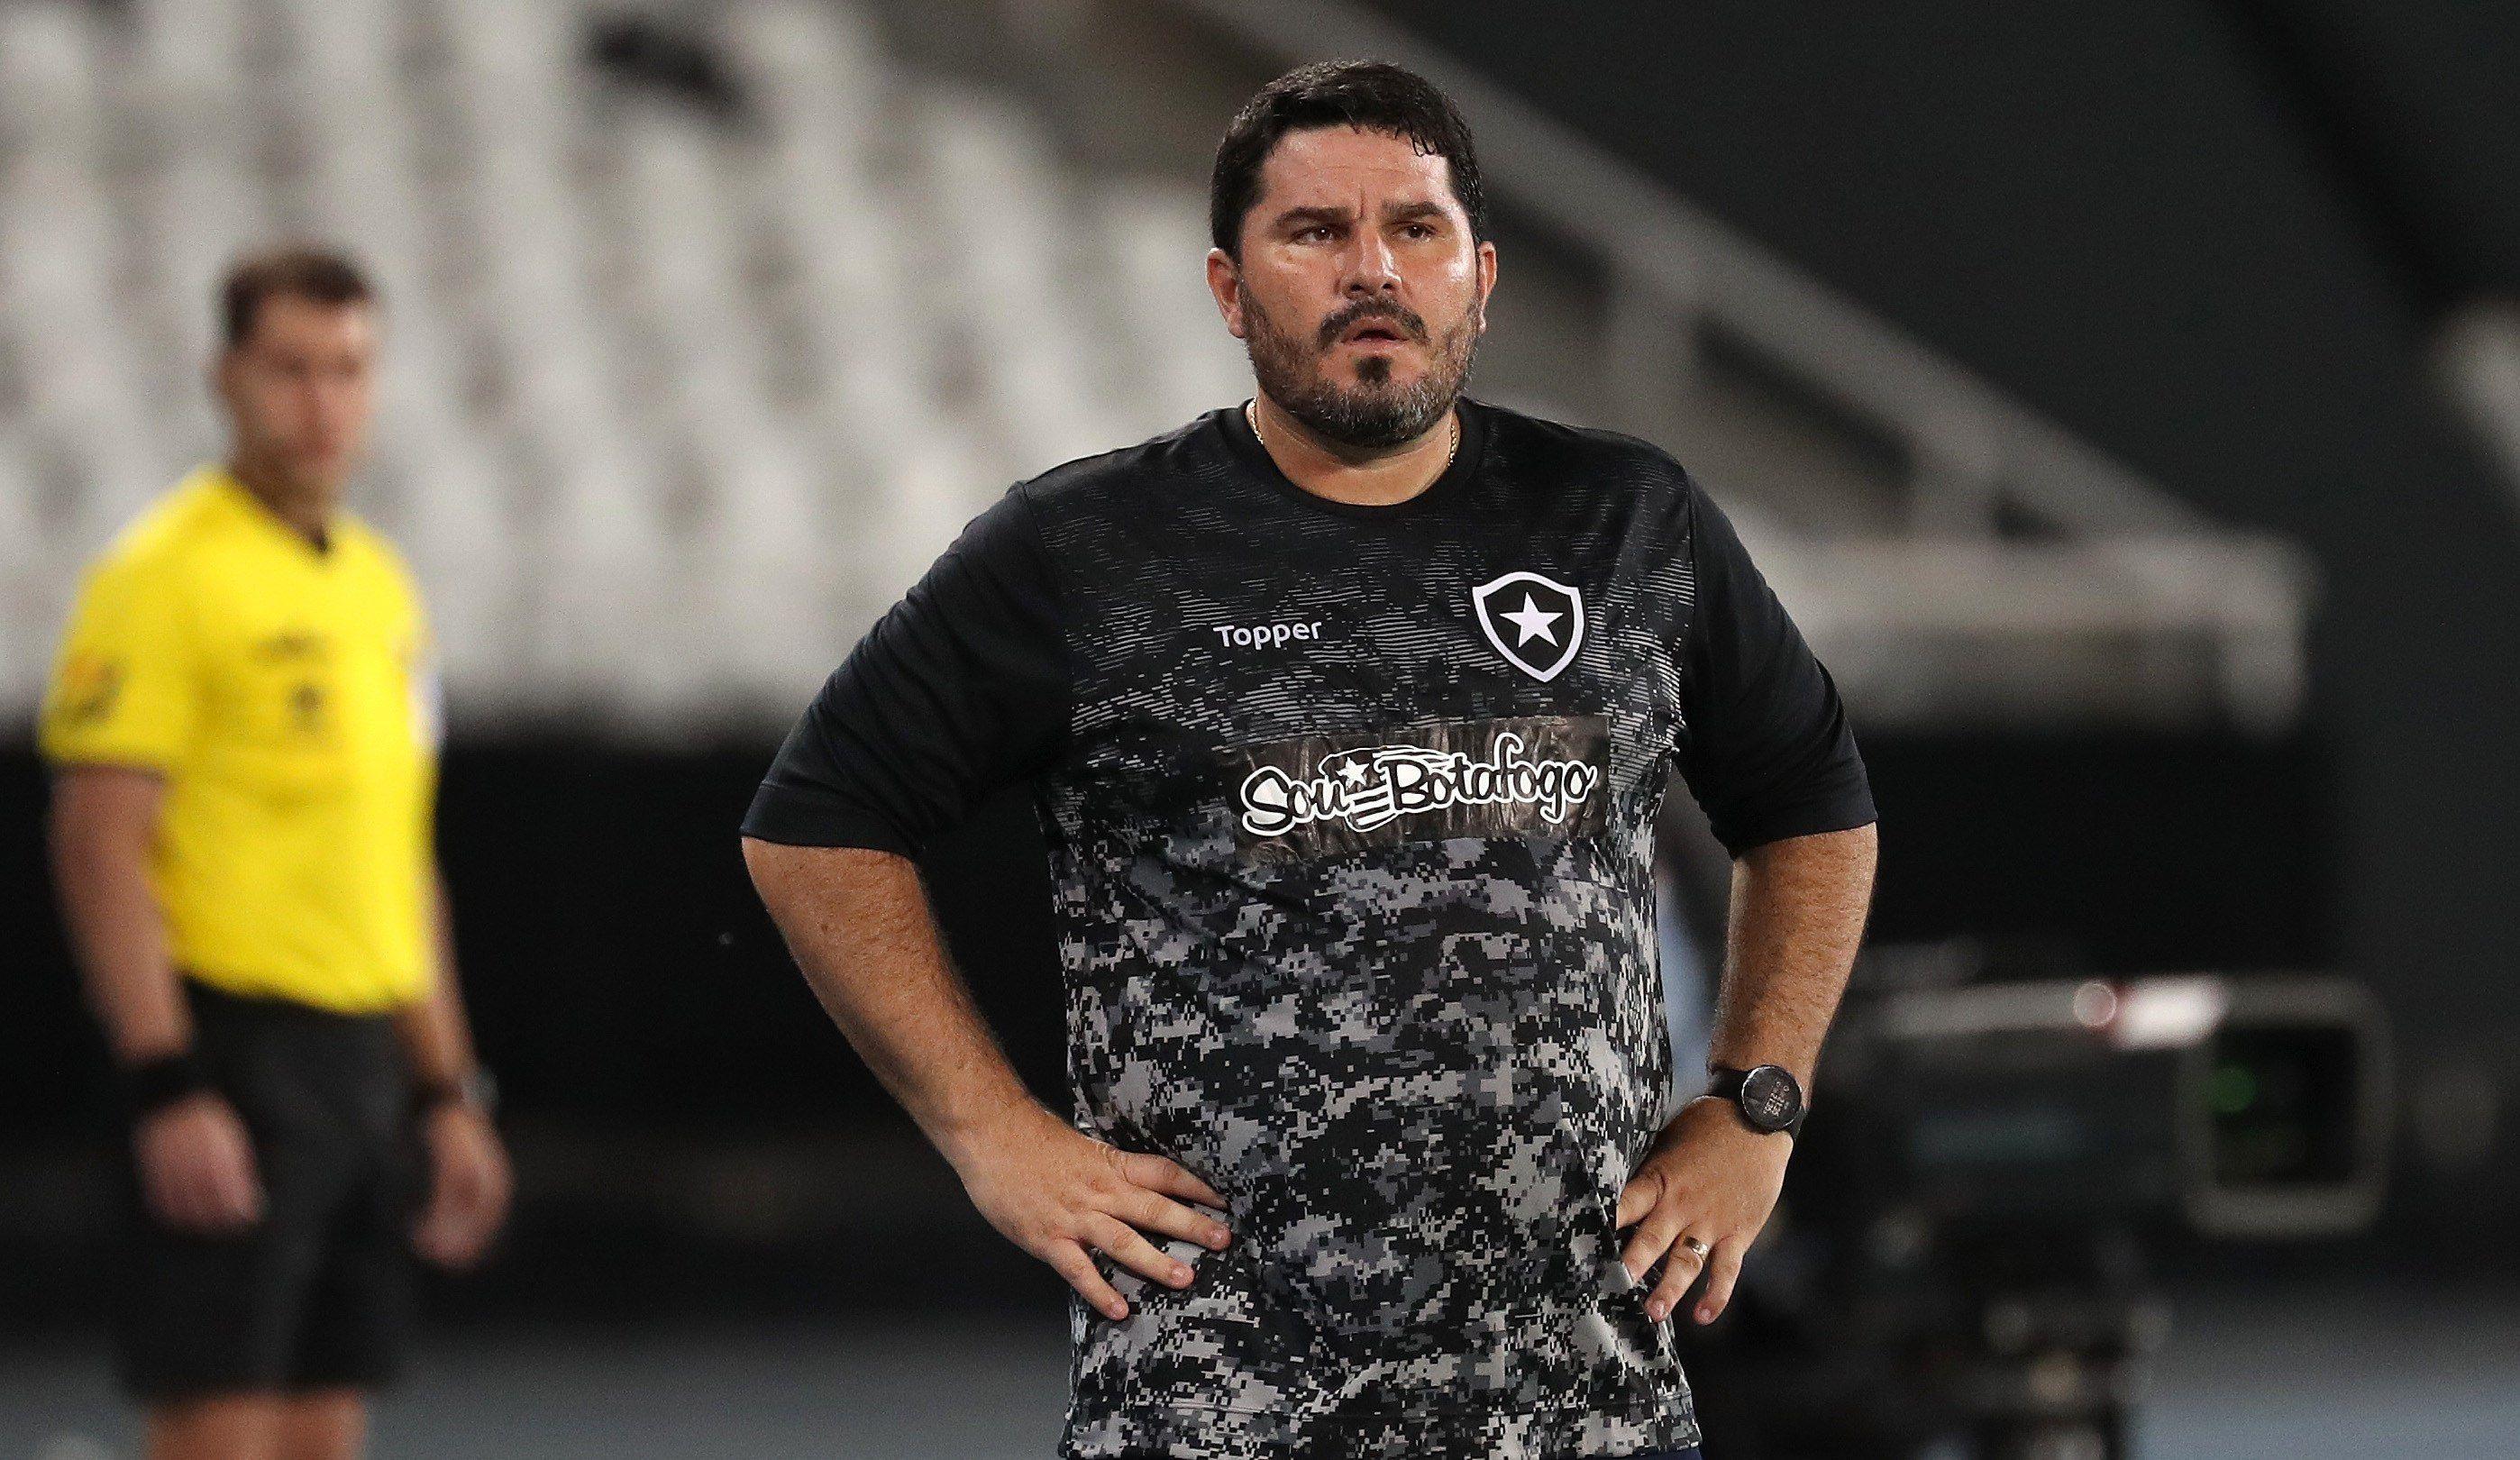 En la imagen, el extécnico de Botafogo, Eduardo Barroca. EFE/ FABIO MOTTA/Archivo